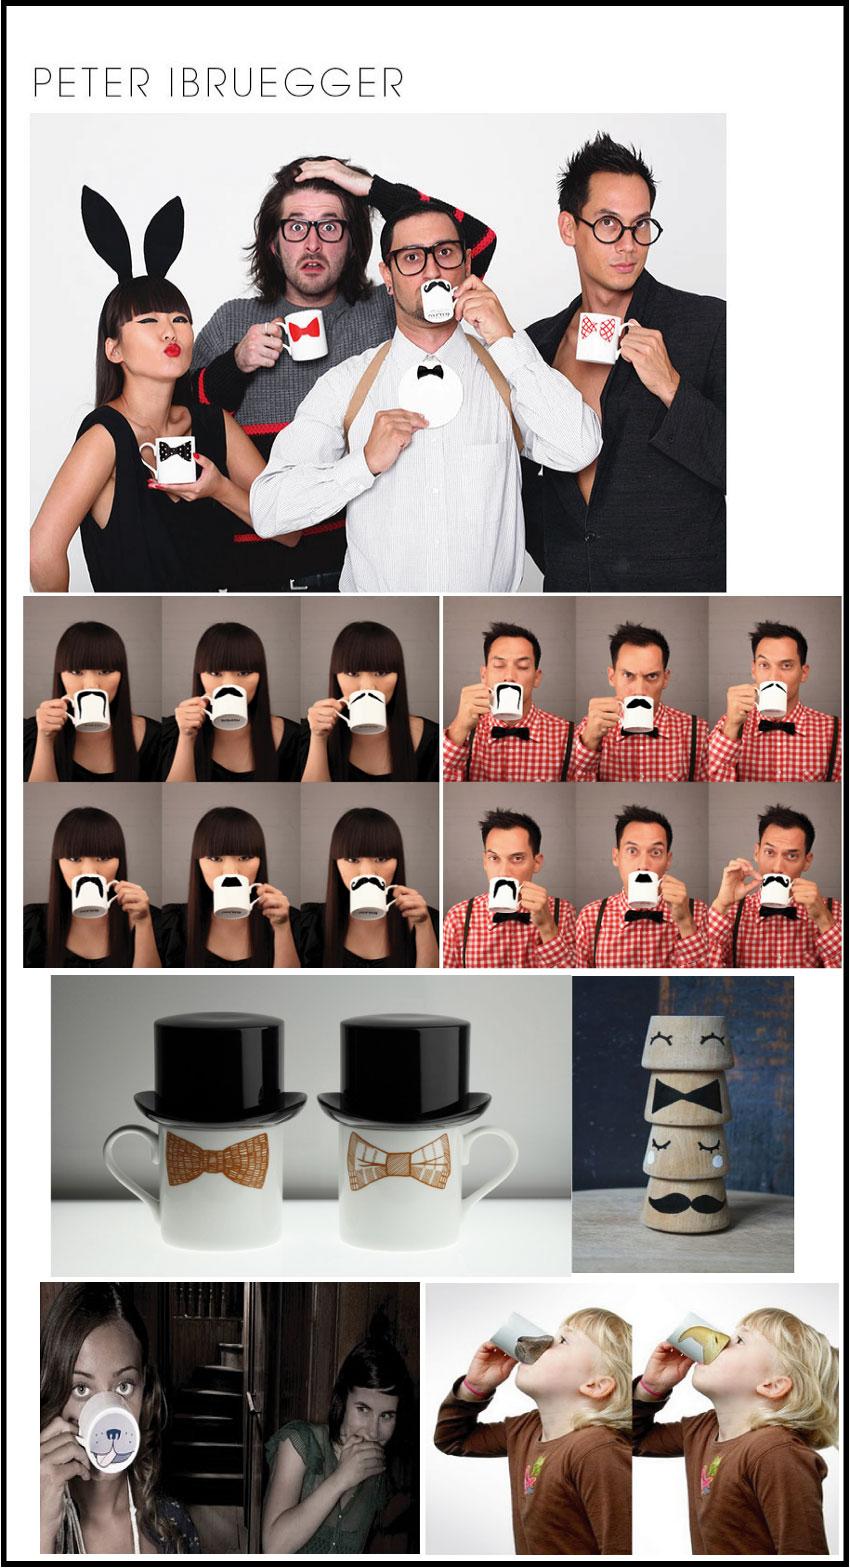 tasses moustaches ou noeud paillon de peter-ibruegger par chiara stella home